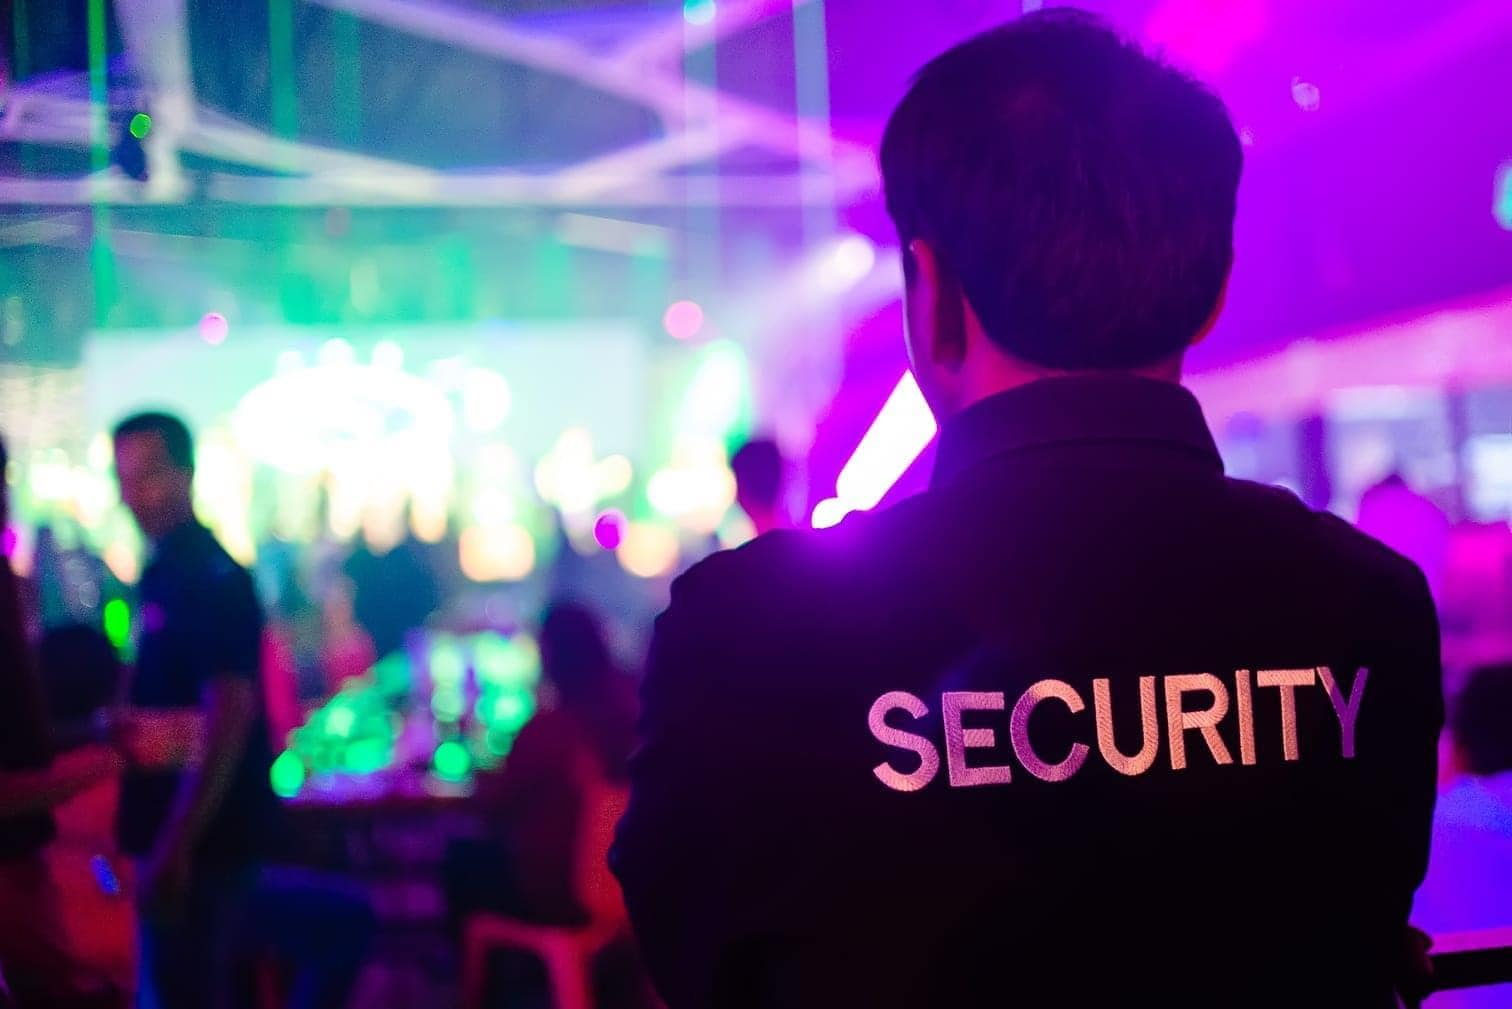 Foto: Shutterstock/somboon kaeoboonsong